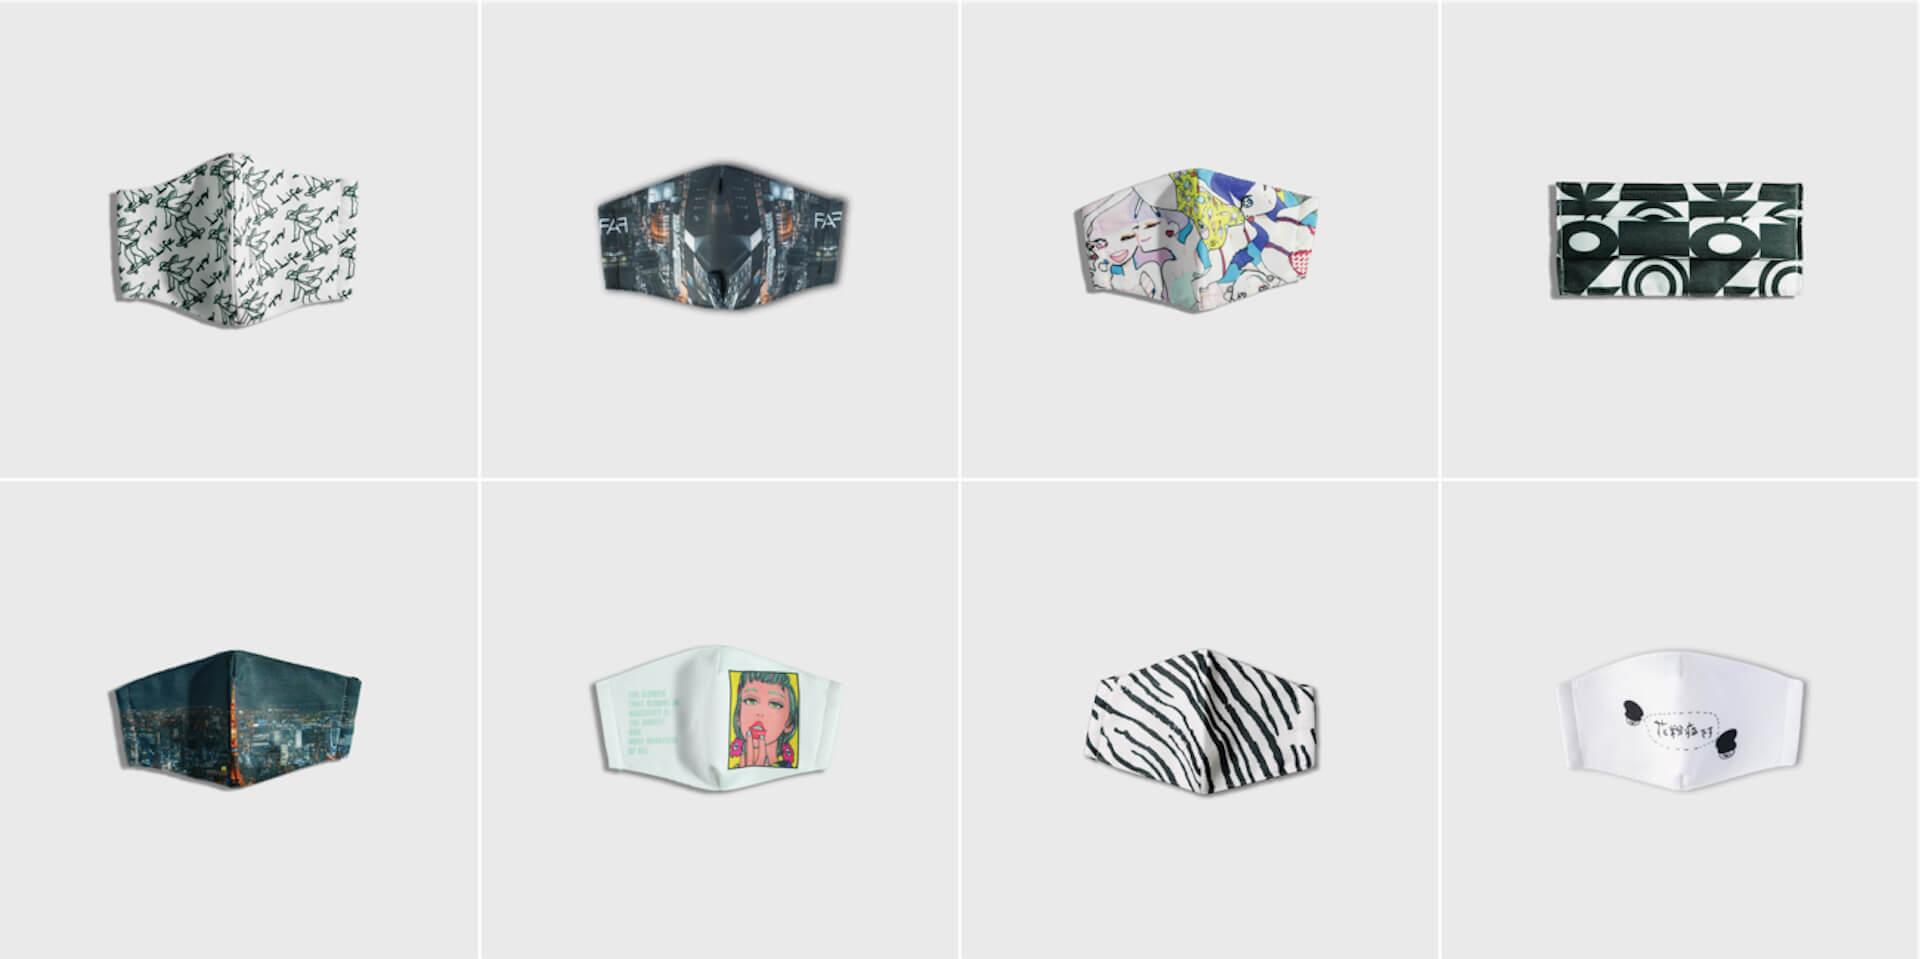 高機能マスクをファッションに!ファッションマスクに特化したECサイト「MASK WEAR TOKYO」がローンチ life200615_maskwear_6